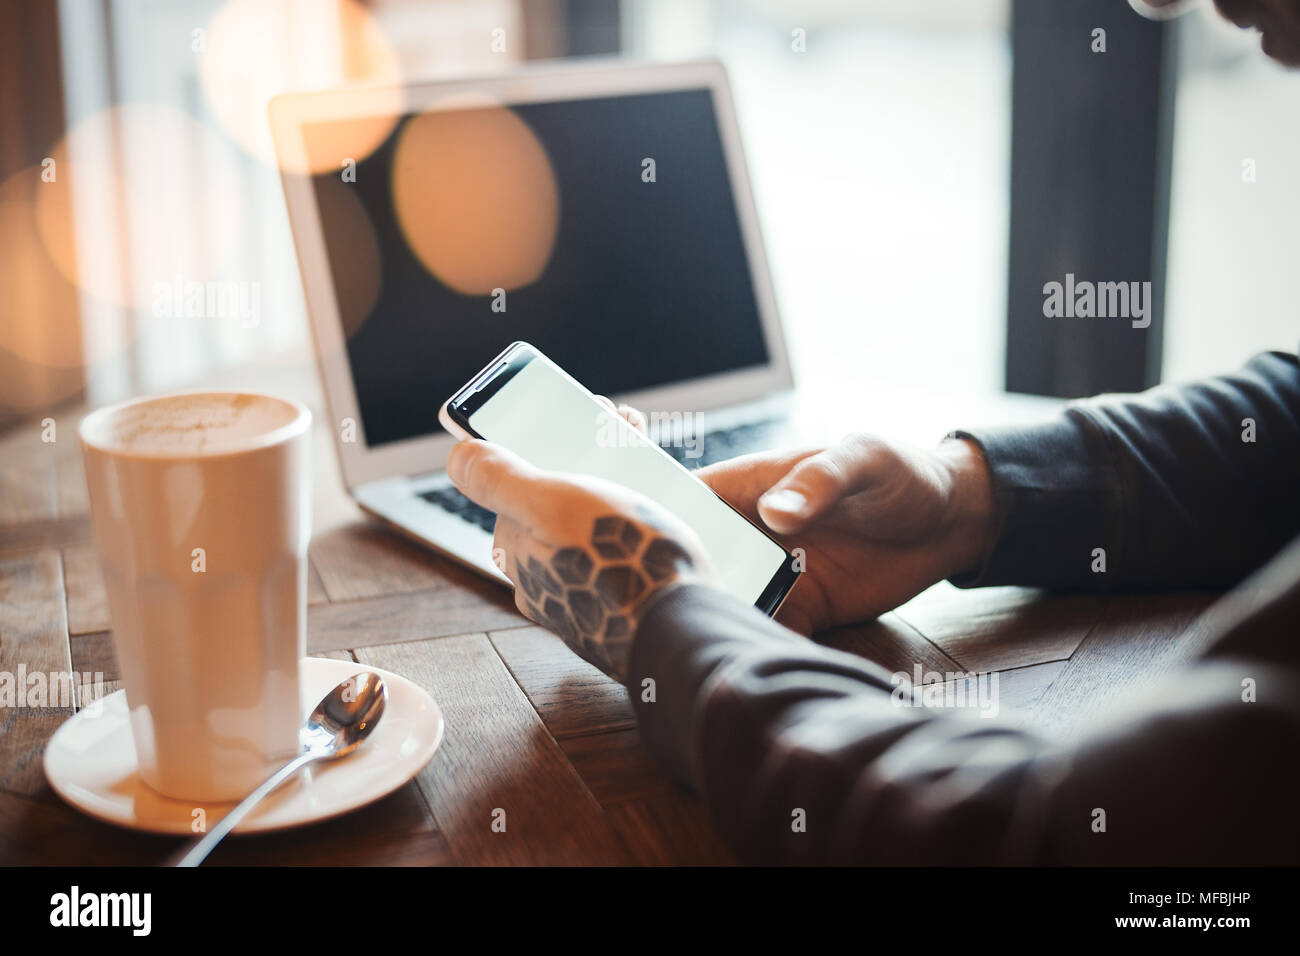 Junger Mann mit Tattoo holding Handy und Arbeiten am Laptop im Co-Arbeiten. Telefon sind auf der Vorder- und auf konzentrieren. Kaffeetasse sind auf Hintergrund Stockbild